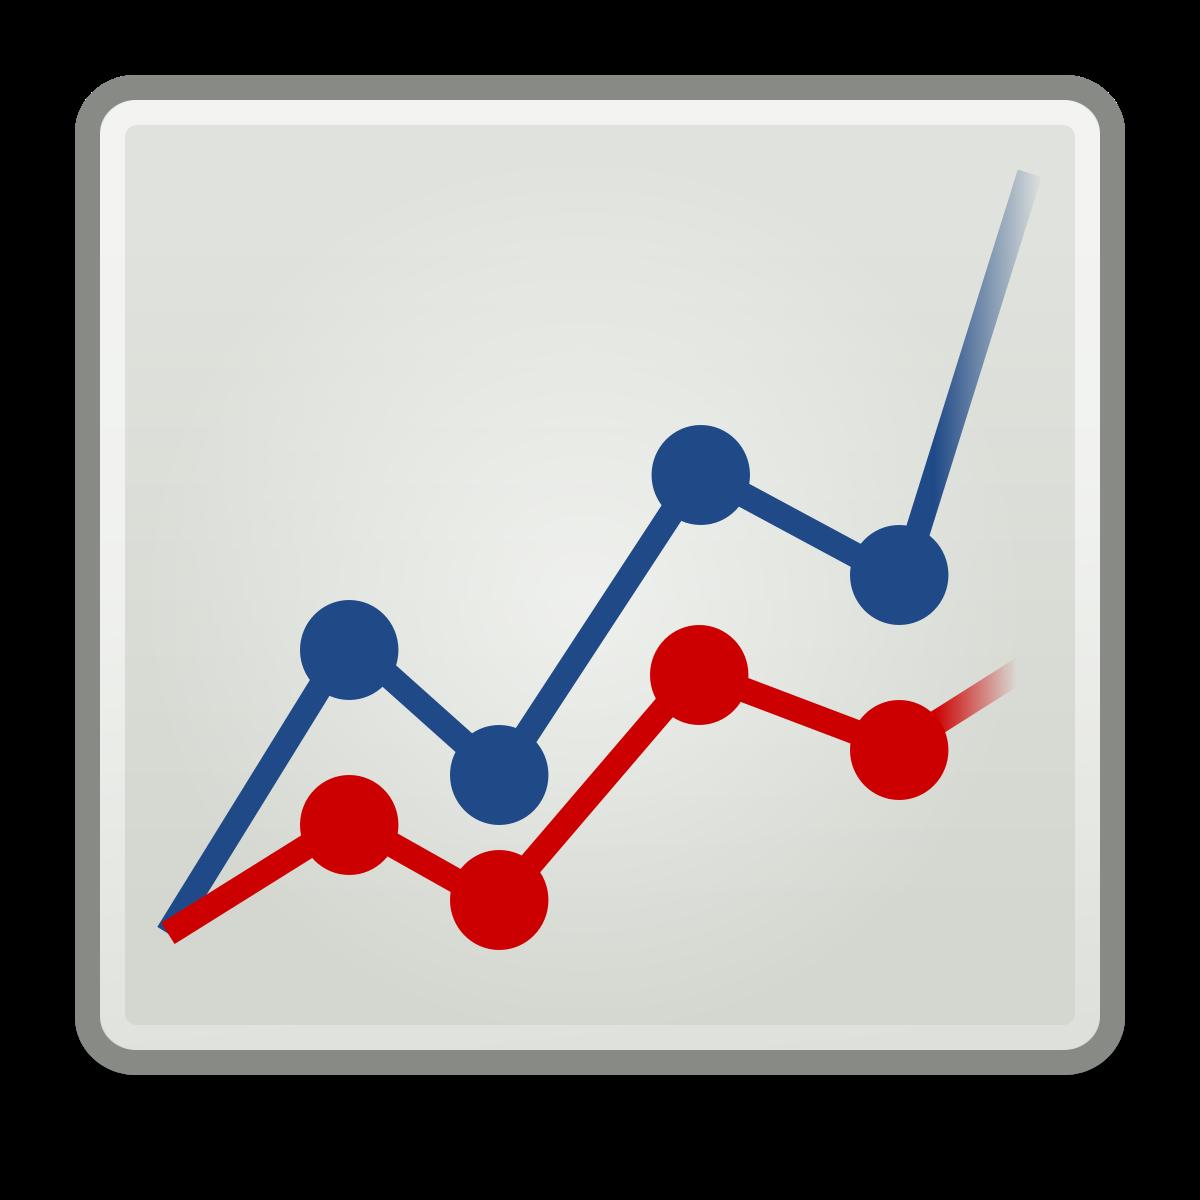 Statistics clipart improvment. Account creation improvement project